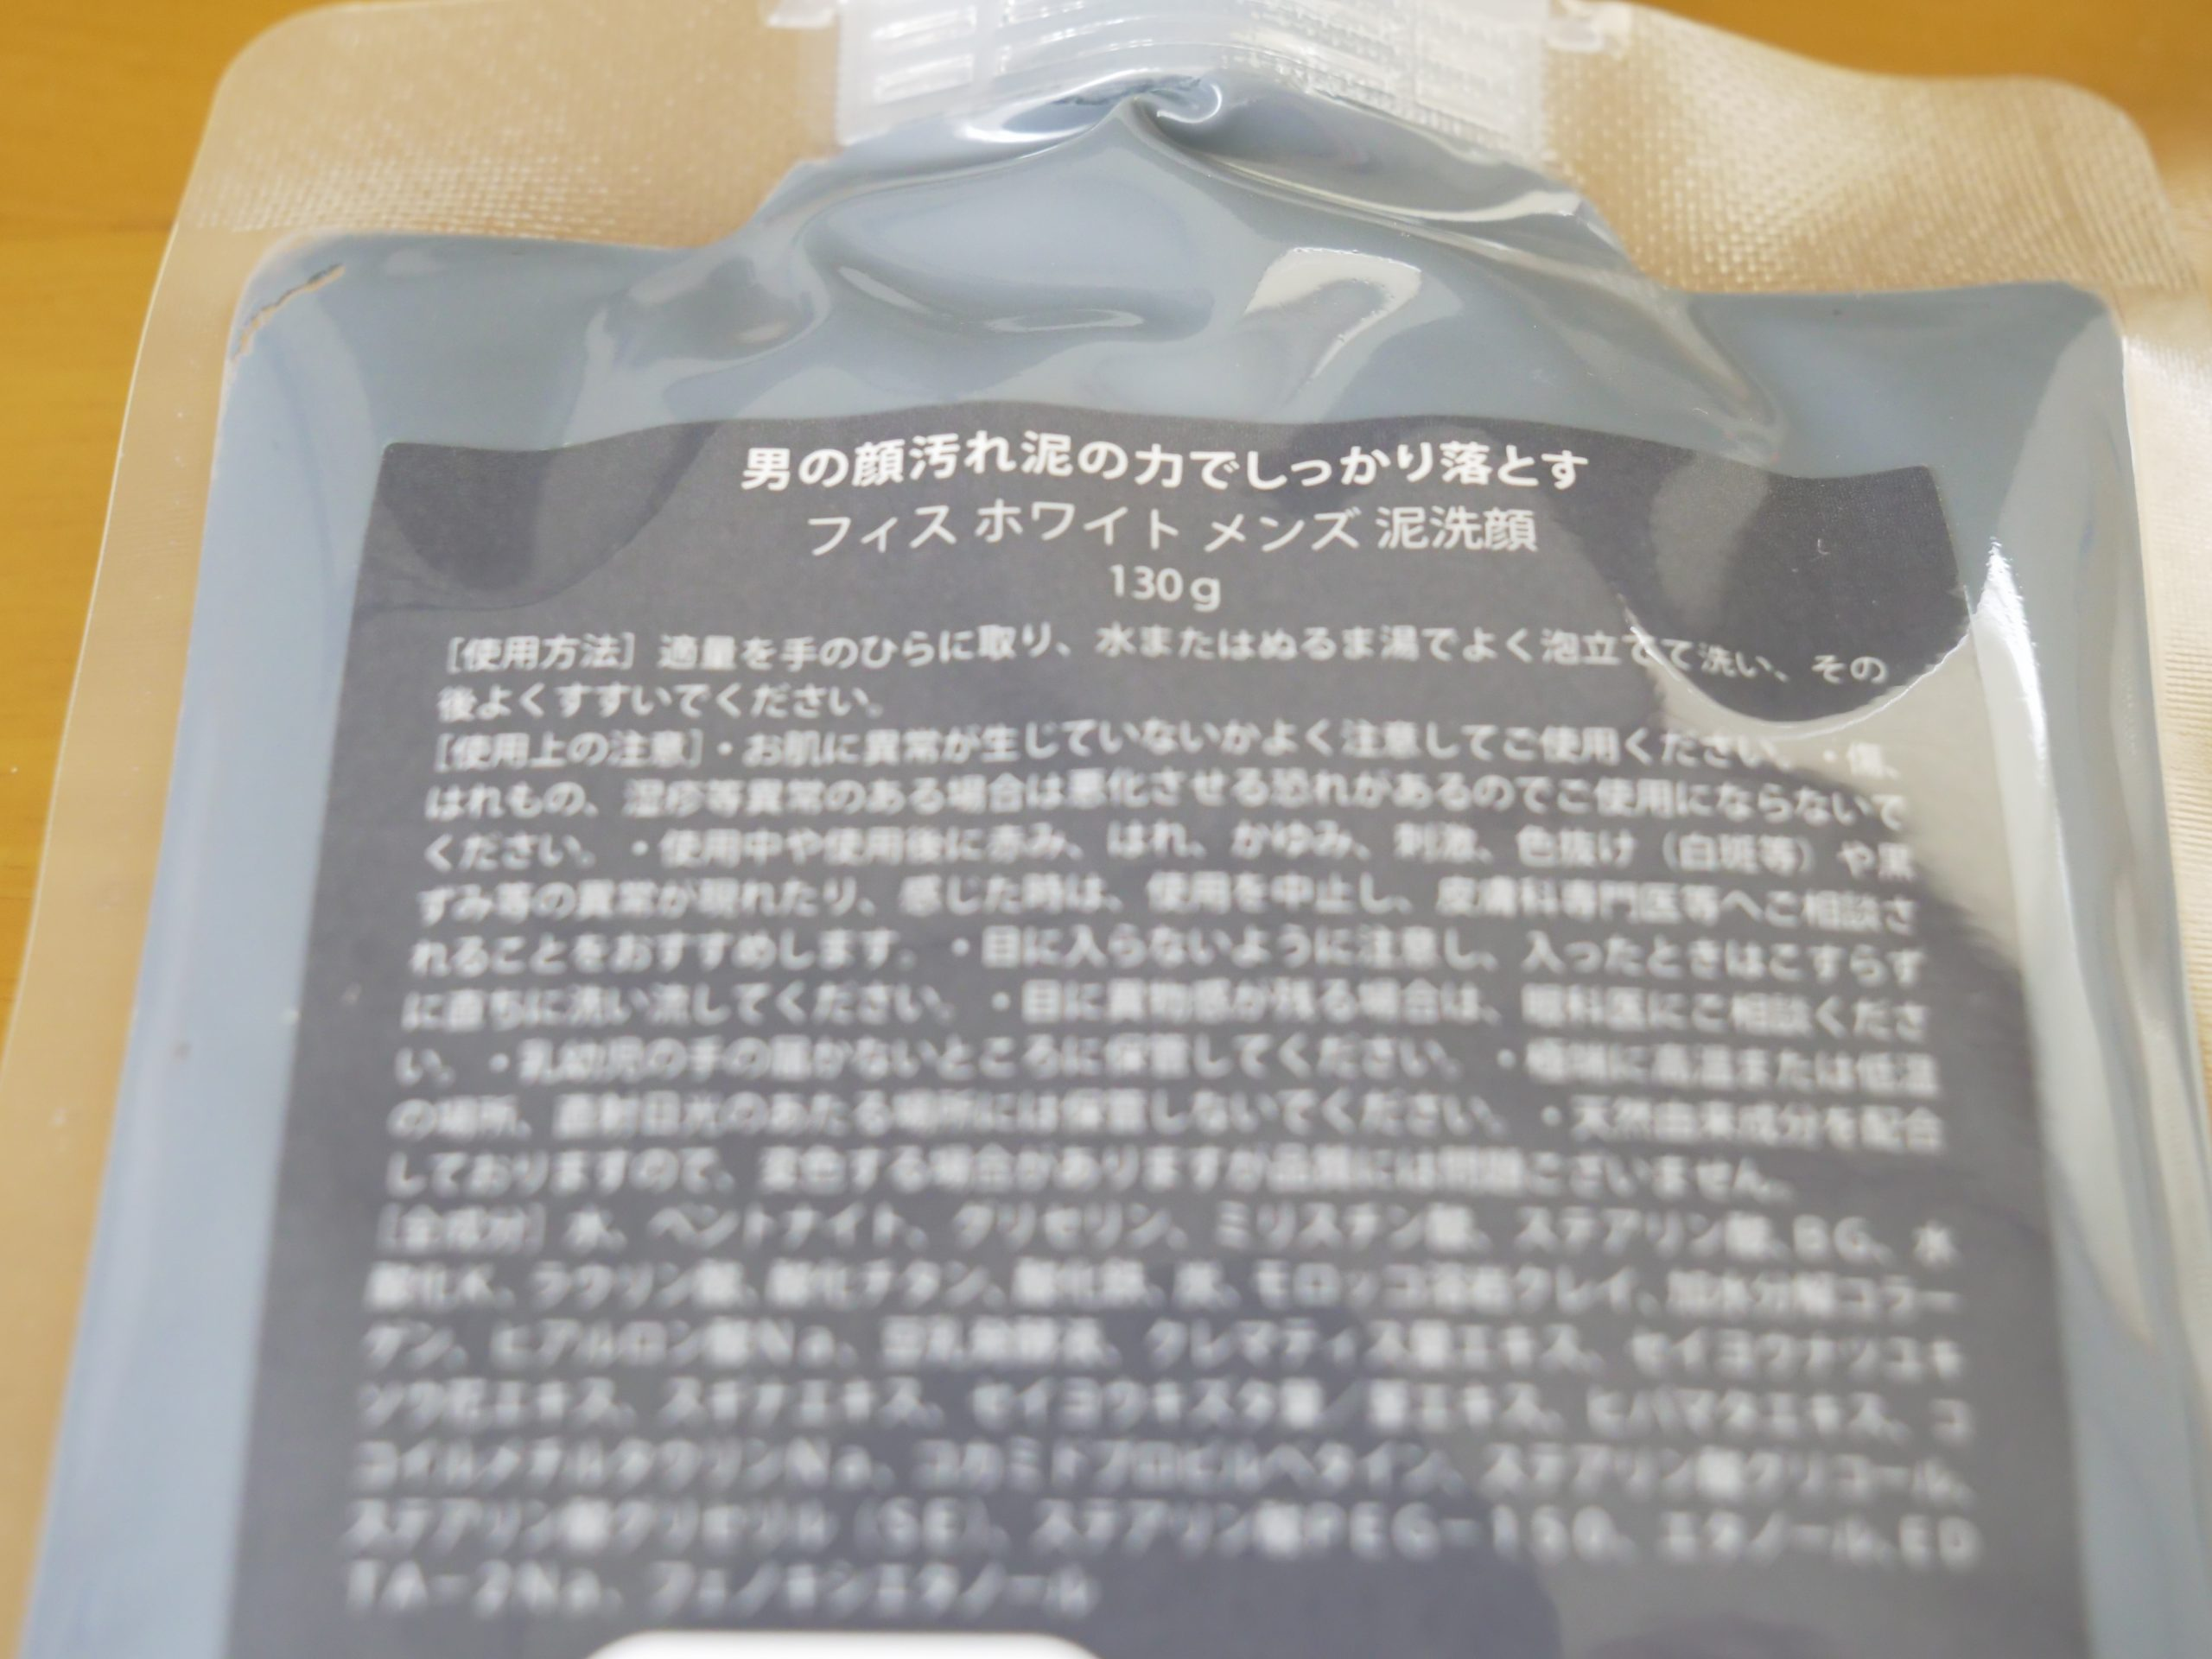 フィスホワイト_成分表記